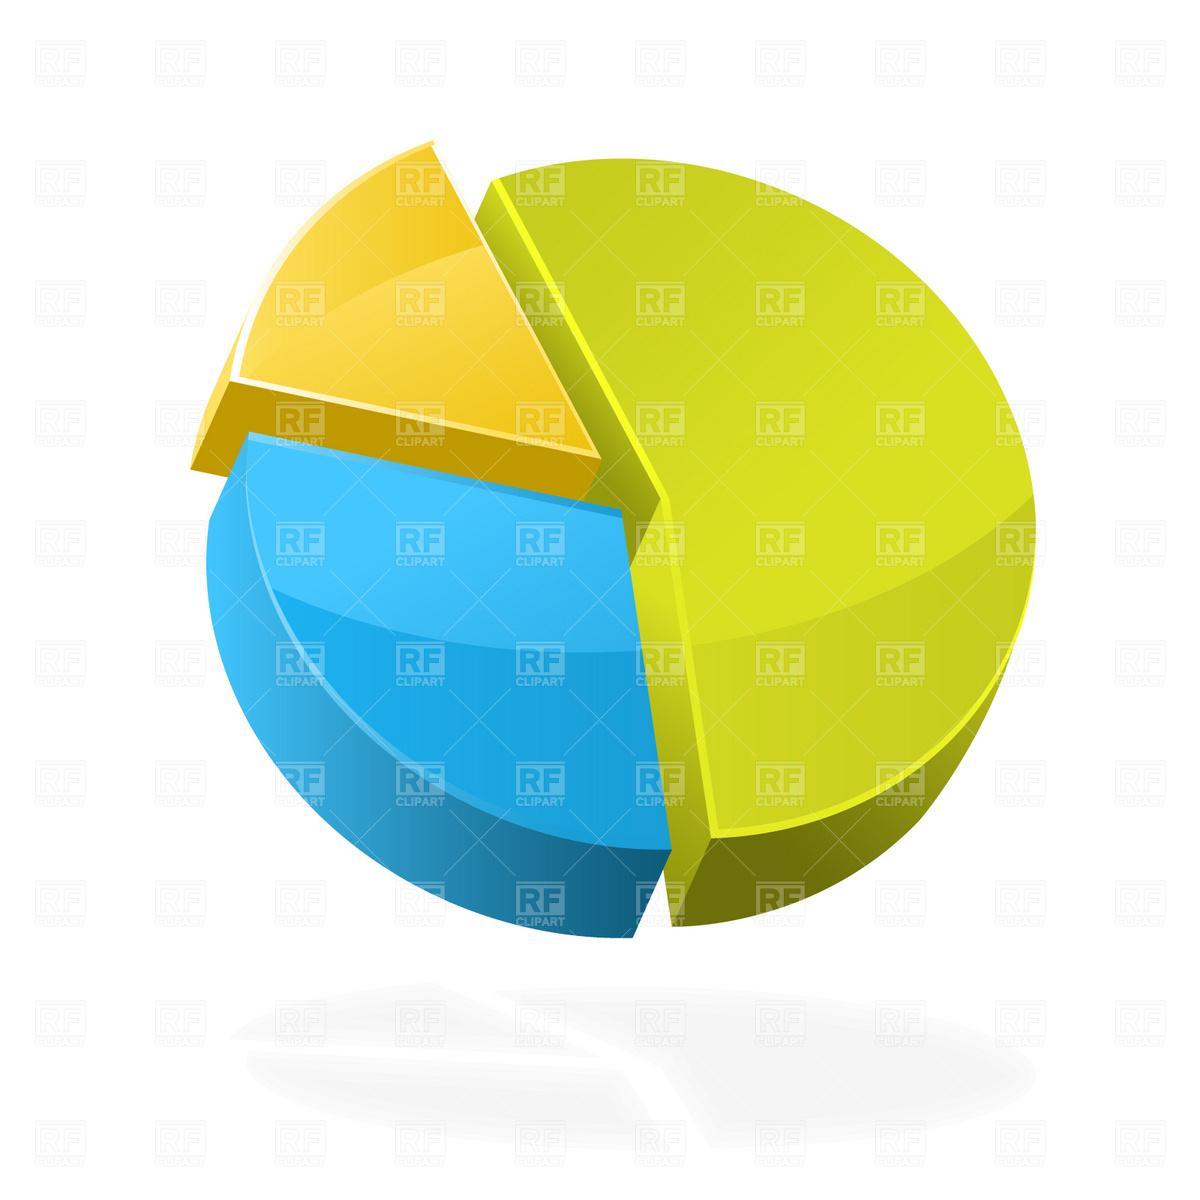 Pie chart icon Stock Vector Image.